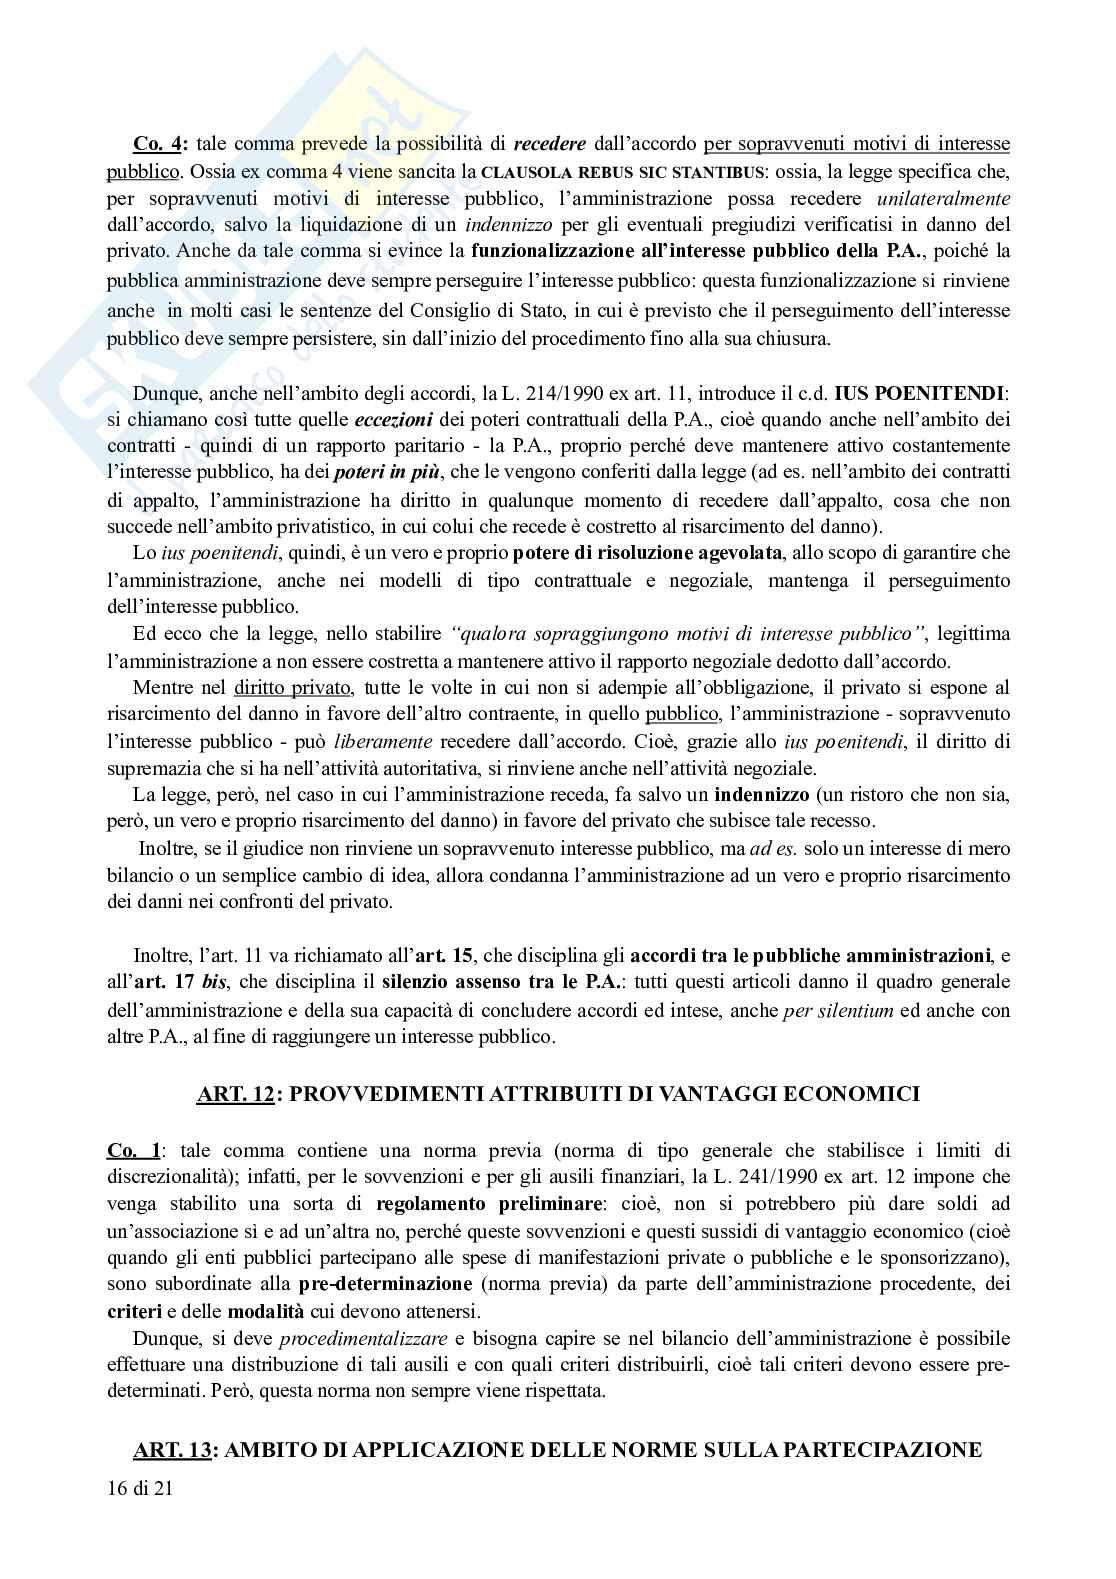 Appunti di Diritto Amministrativo: legge sul procedimento amministrativo (L. 241/1990) commentata Pag. 16